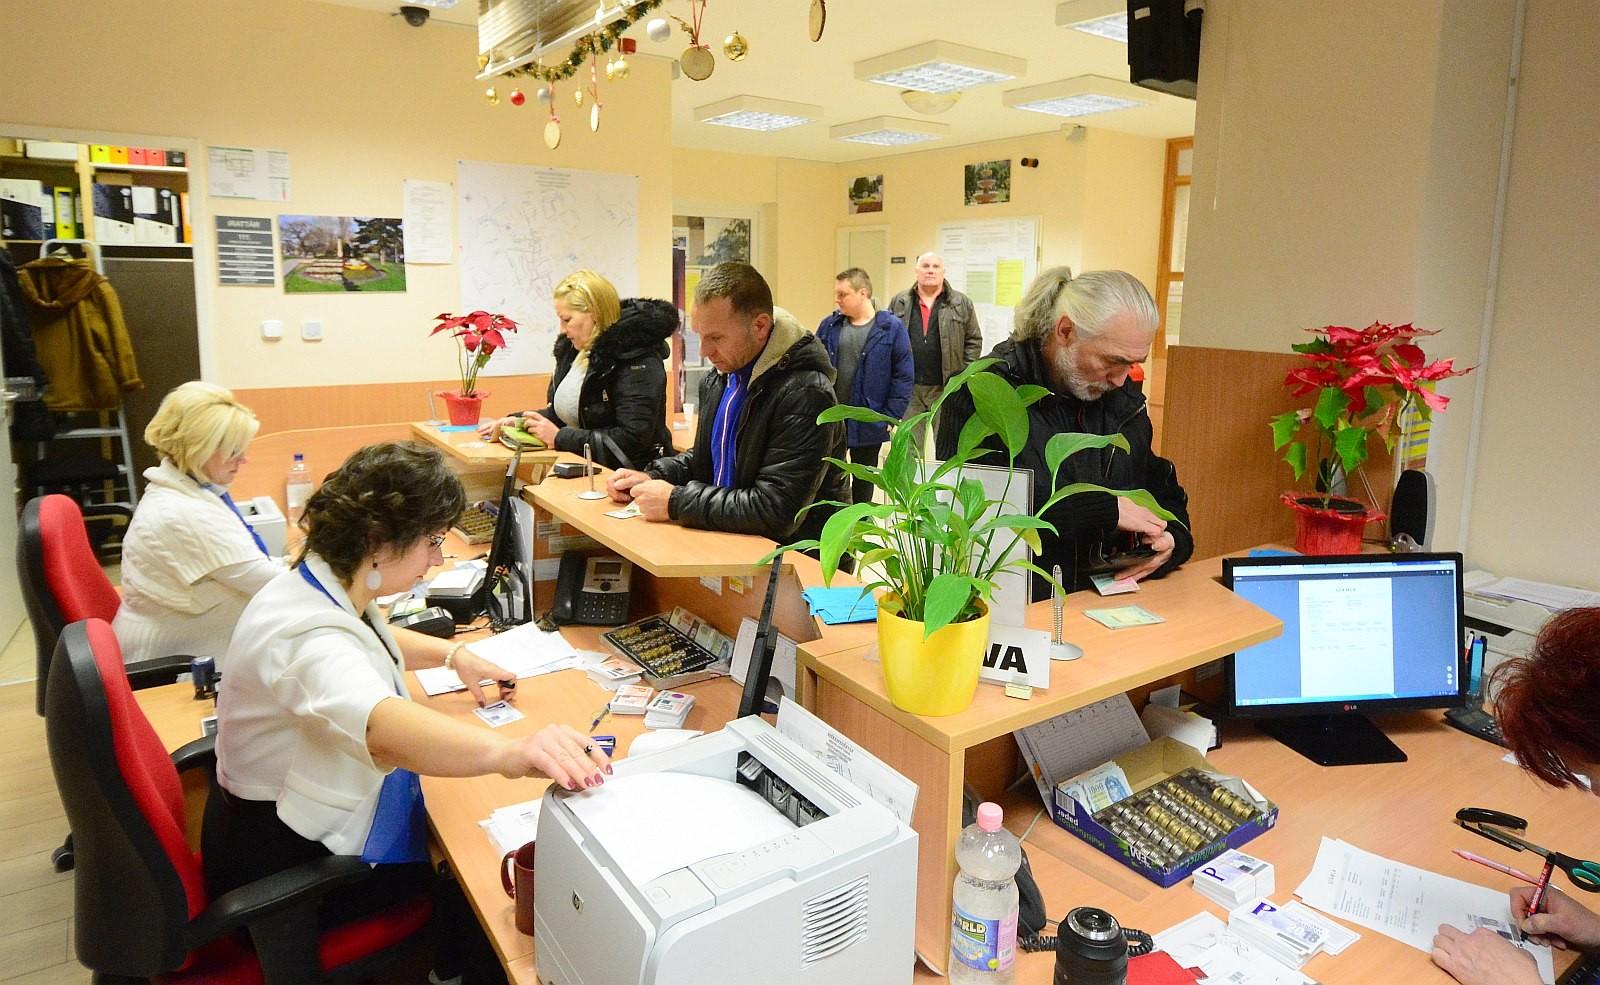 Január 15-től hosszabbított nyitva tartással vásárolhatnak parkolóbérletet a fehérváriak